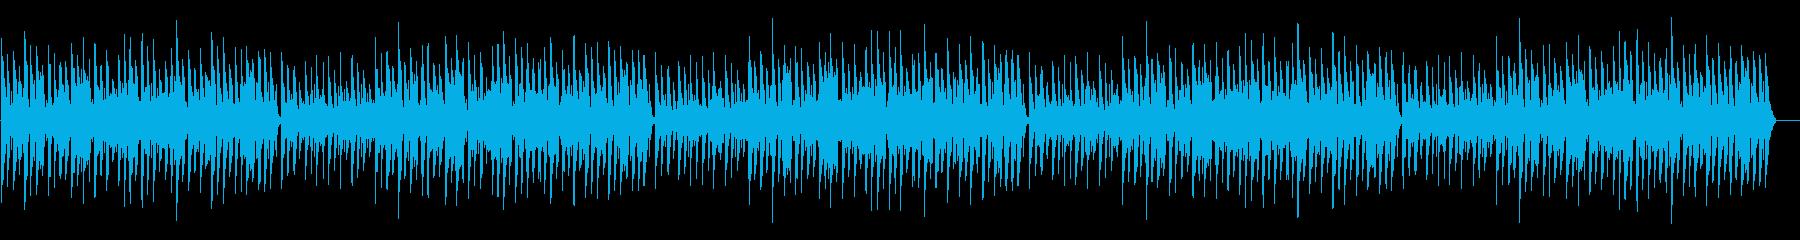 ほのぼの脱力系「お正月」年末年始の再生済みの波形